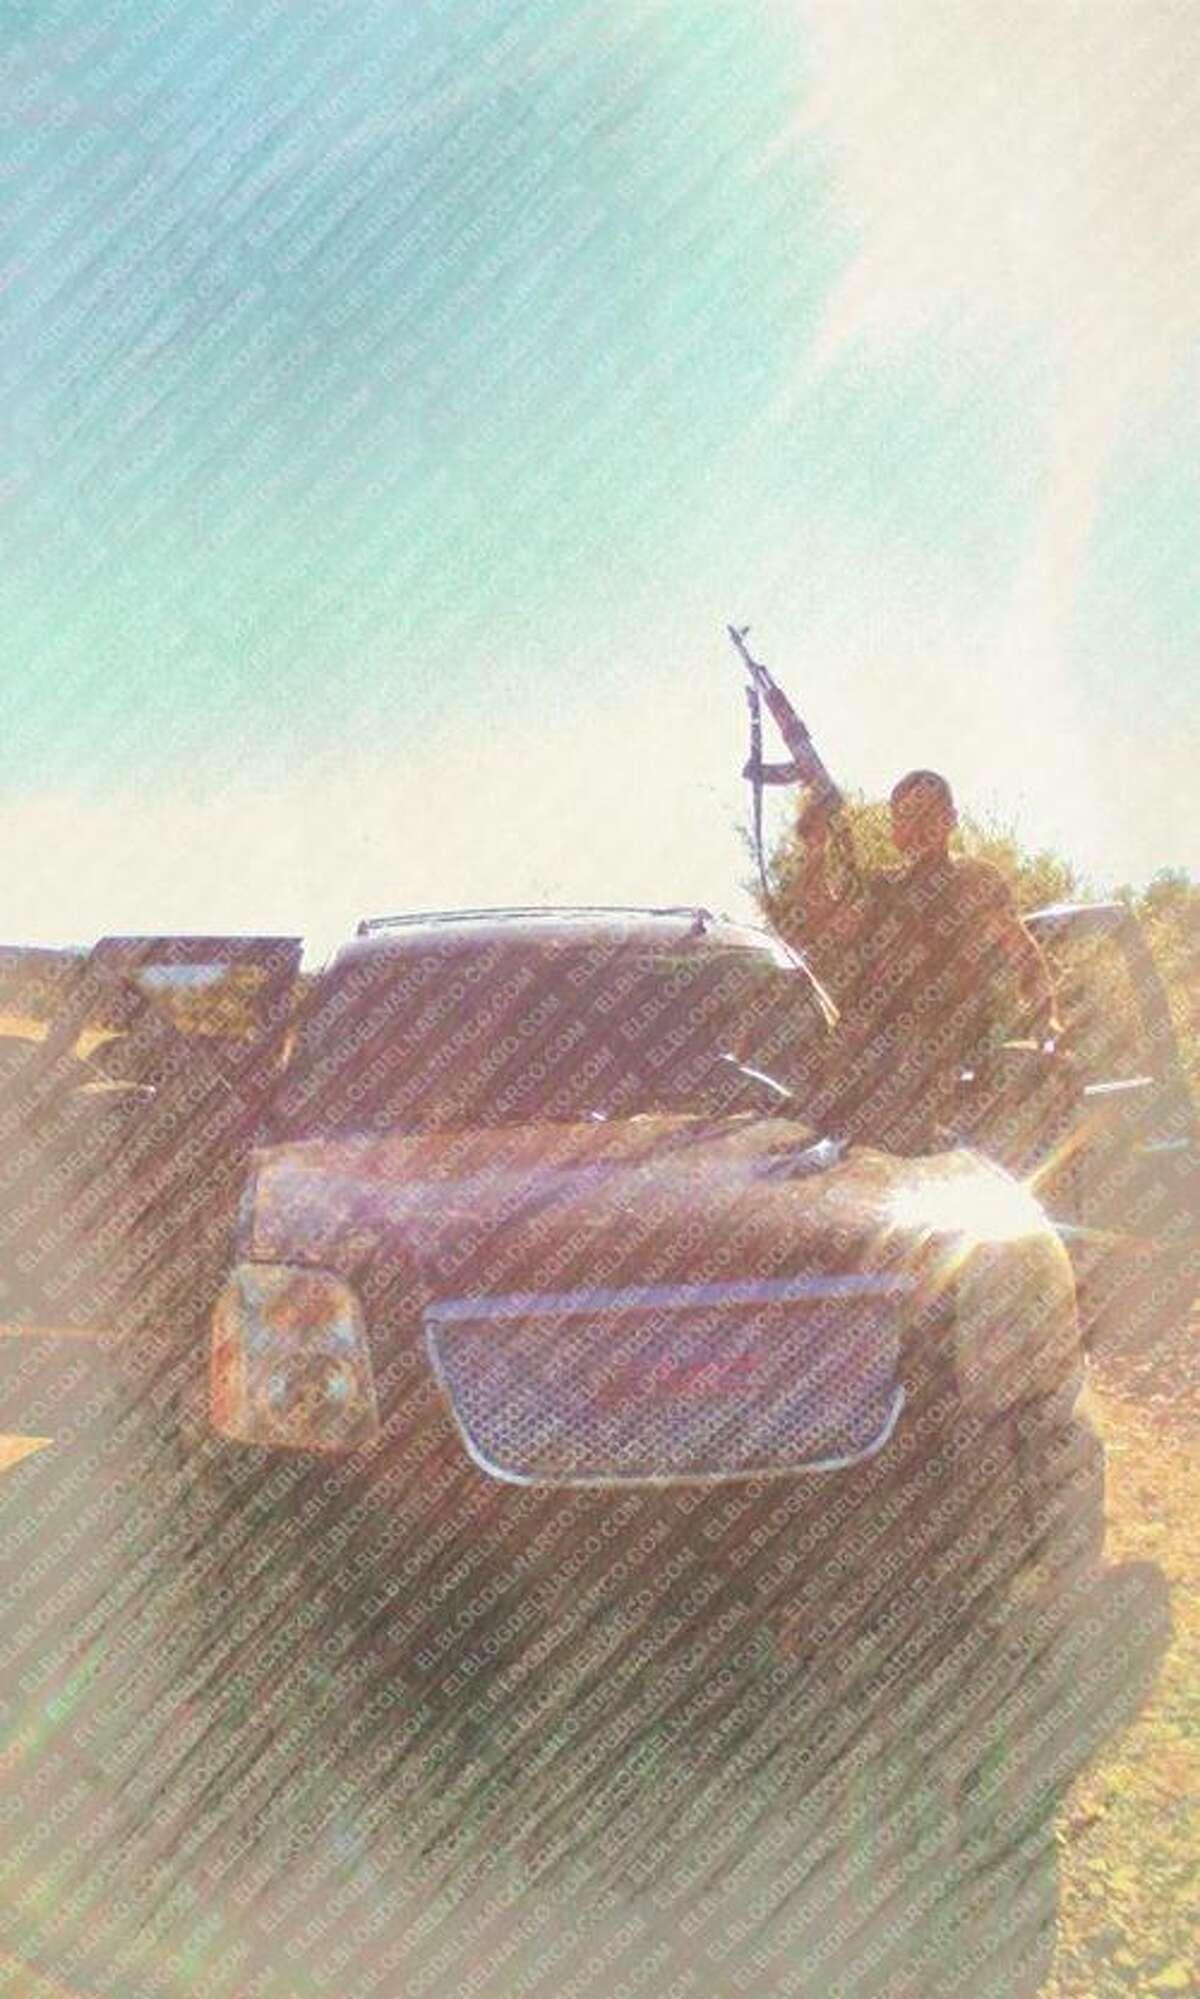 El Blog del Narco has published a batch of leaked photos of La Linea, the enforcement wing of the Juárez Cartel.